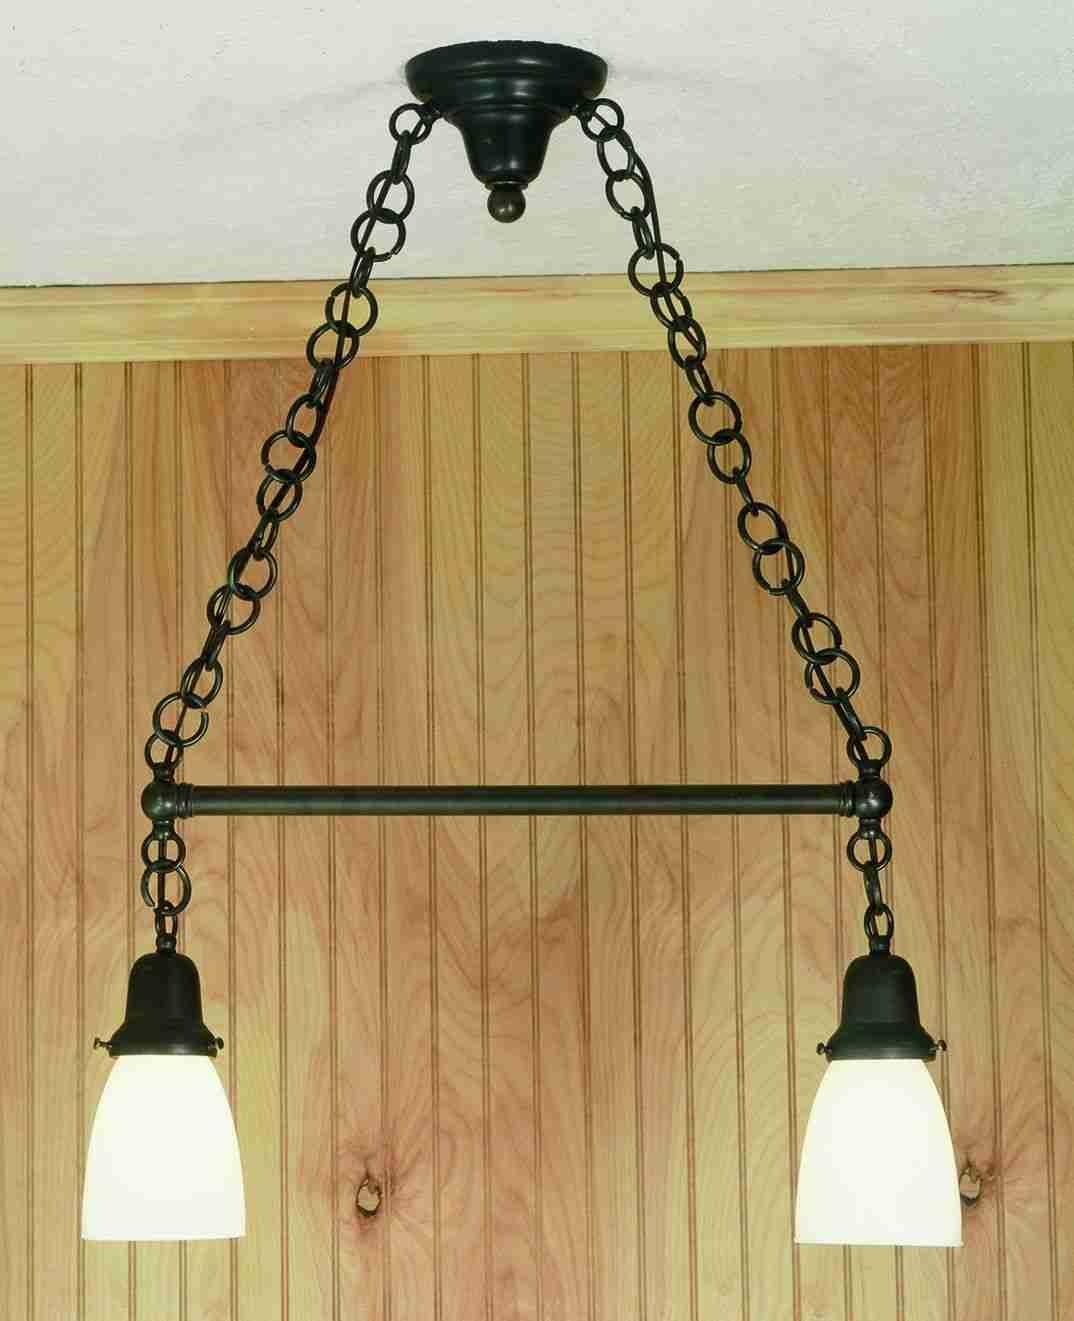 Meyda Tiffany 56601 Round Chain Rod Hanger